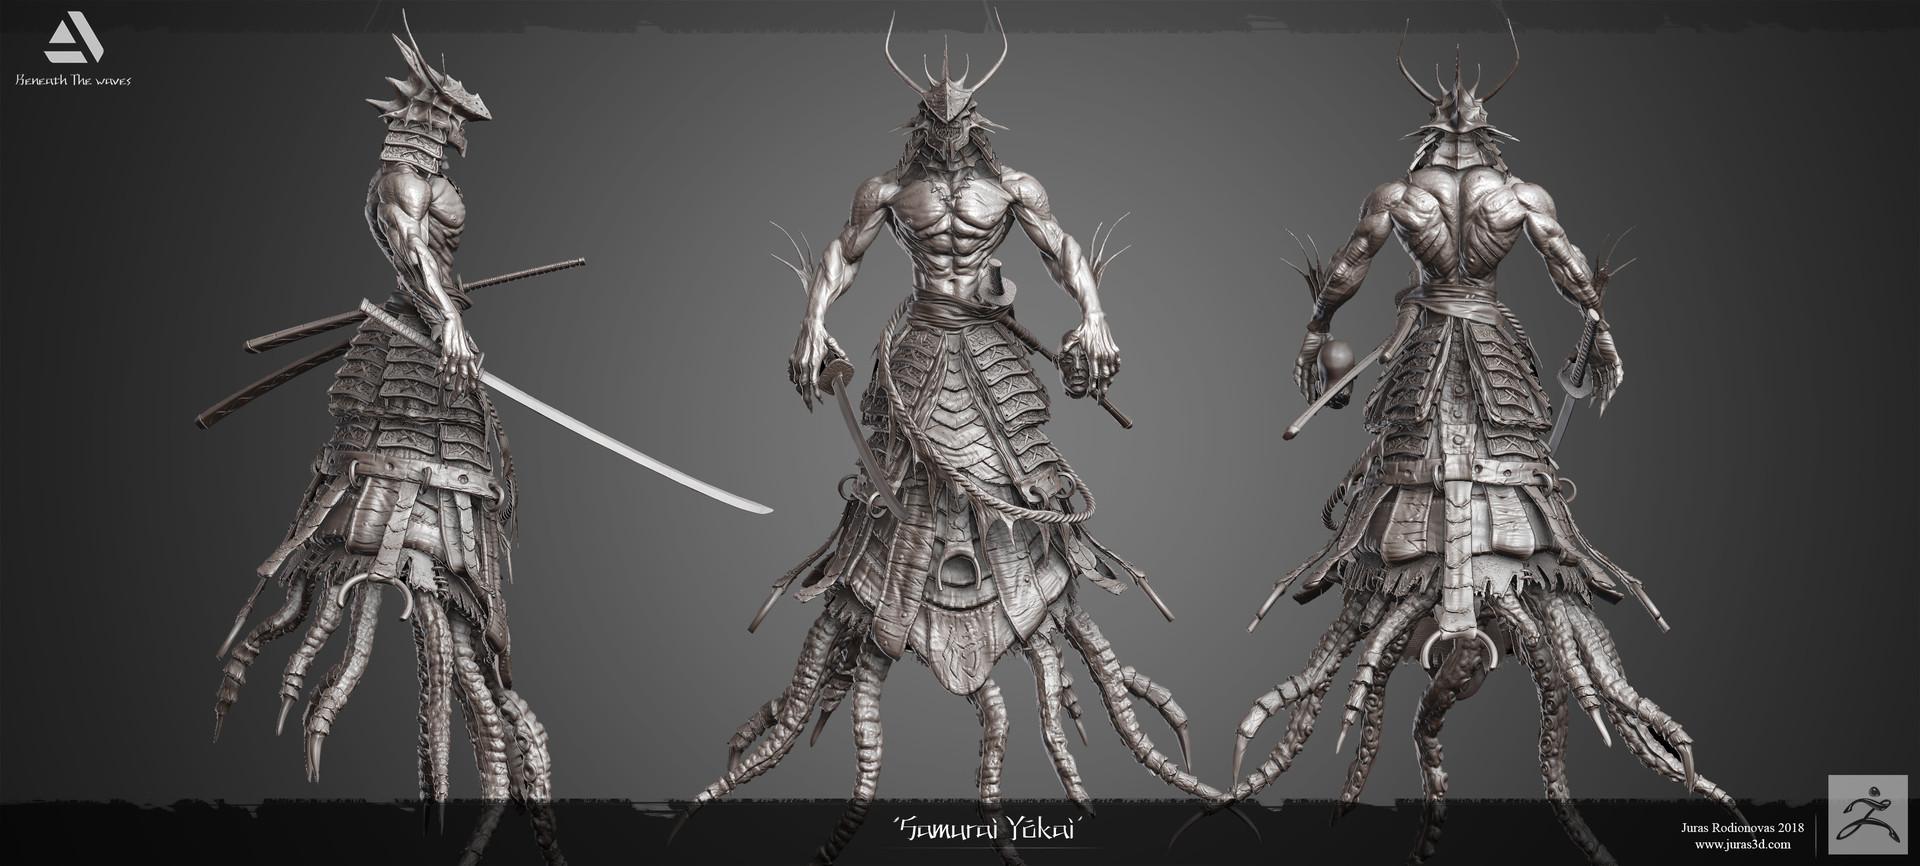 Juras rodionovas samurai yokai hp